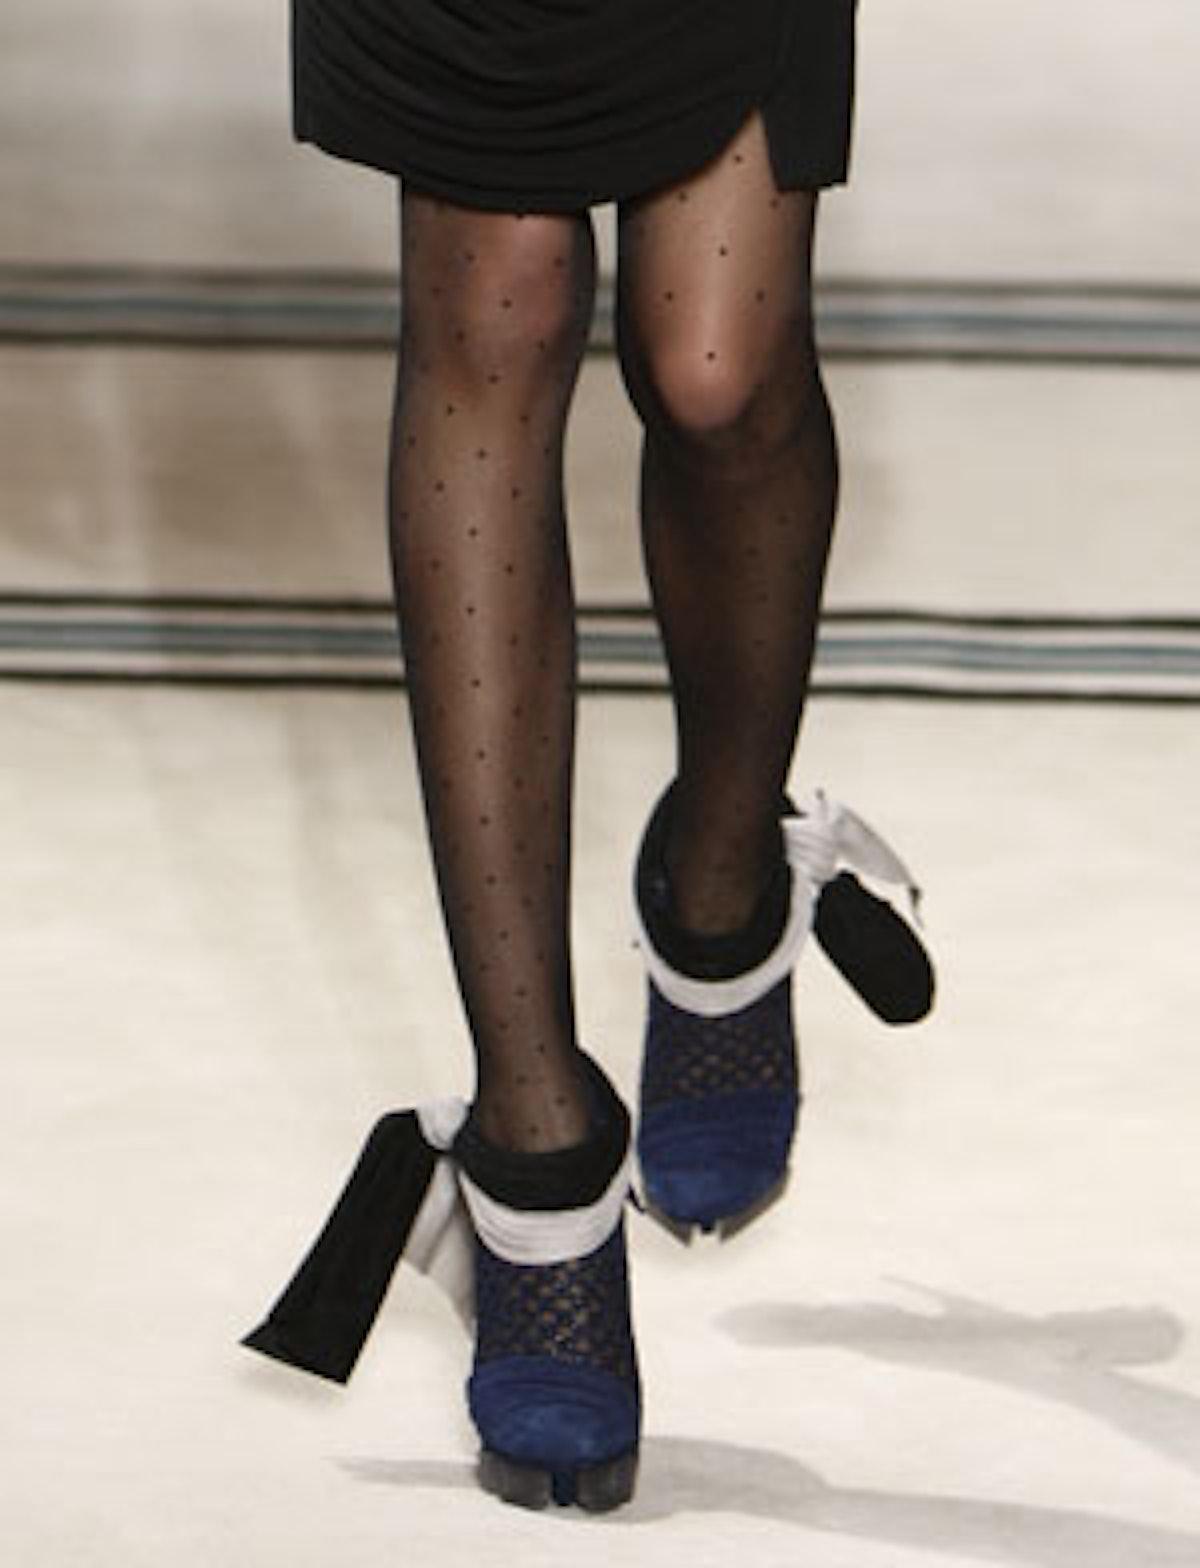 acss_runway_shoes_09_v.jpg